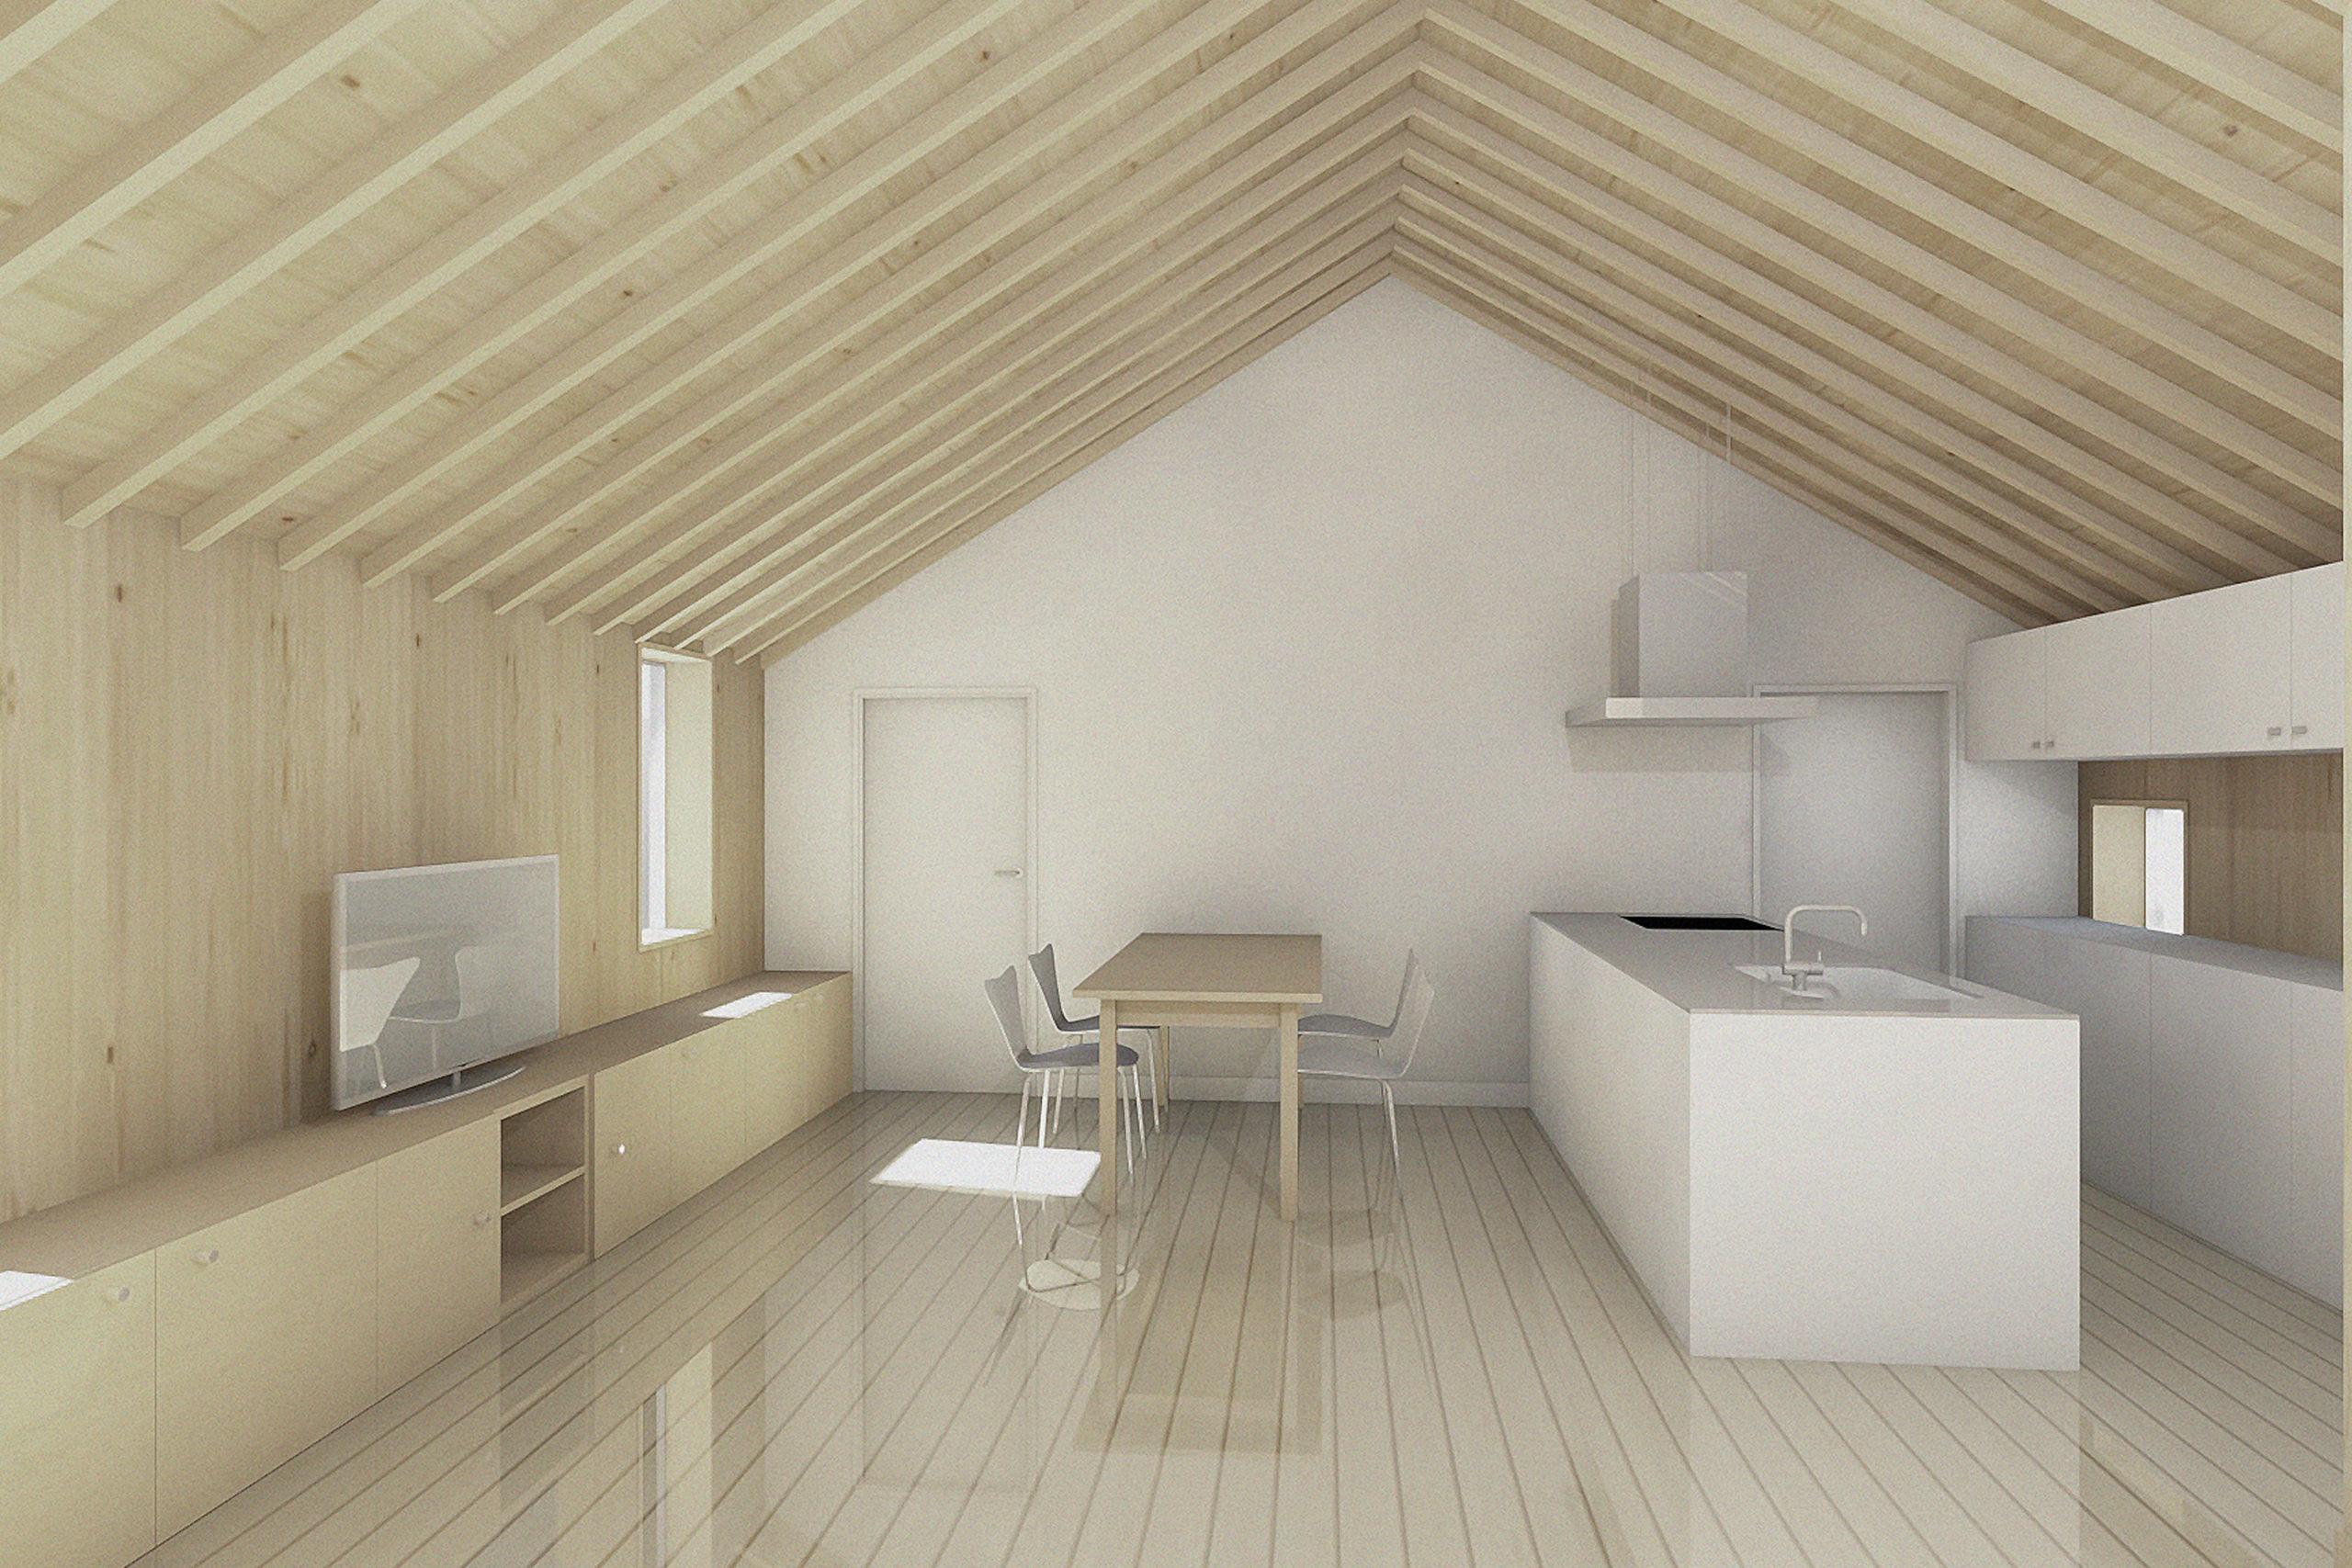 一級建築士事務所村上設計研究所のスライドイメージ3枚目